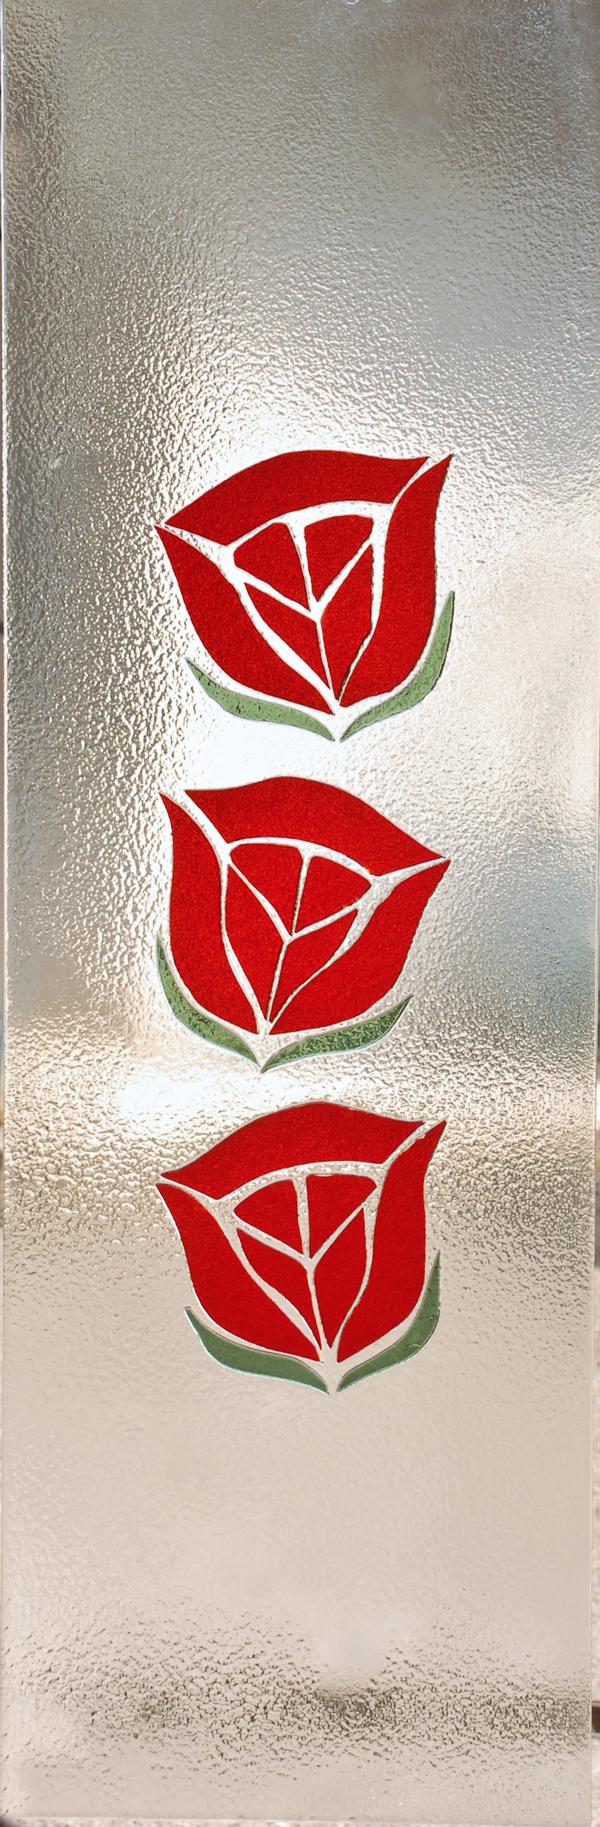 Vetrifusione tre rose, firmato Orvi Serramenti